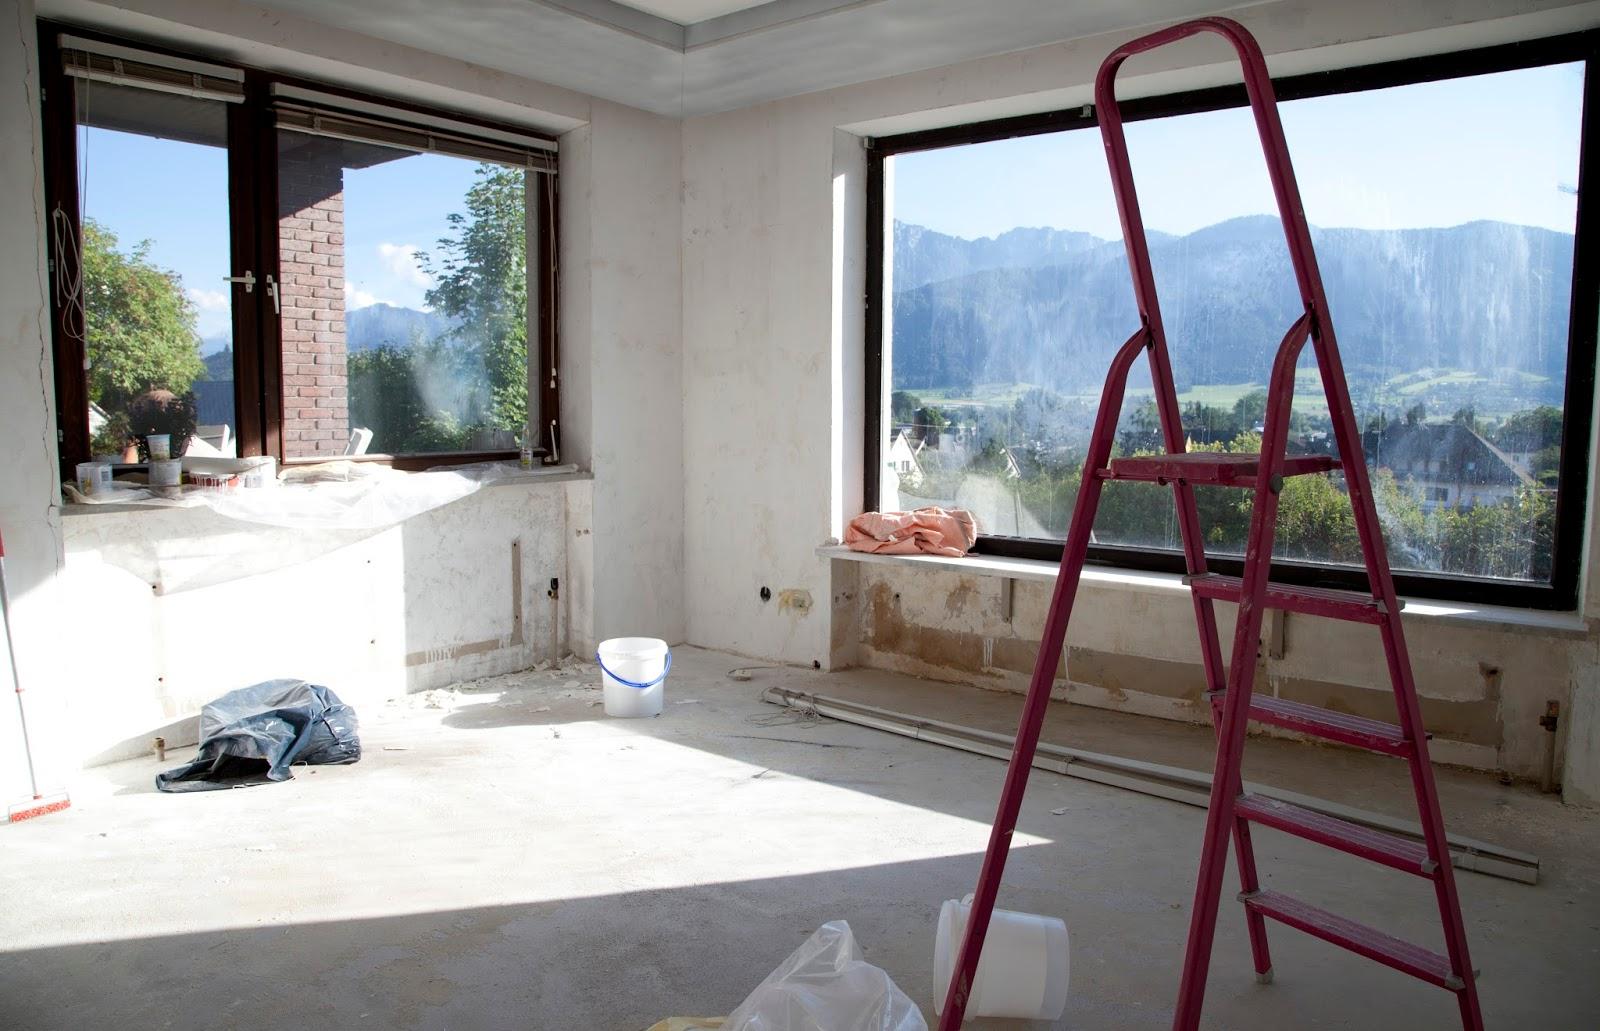 Im Neuen Wohnzimmer Befindet Sich Nämlich Ein Für 70er Jahre Bungalows Ganz  Typisches Riesenfenster, Das Sich Wunderbar Dafür Eignet.